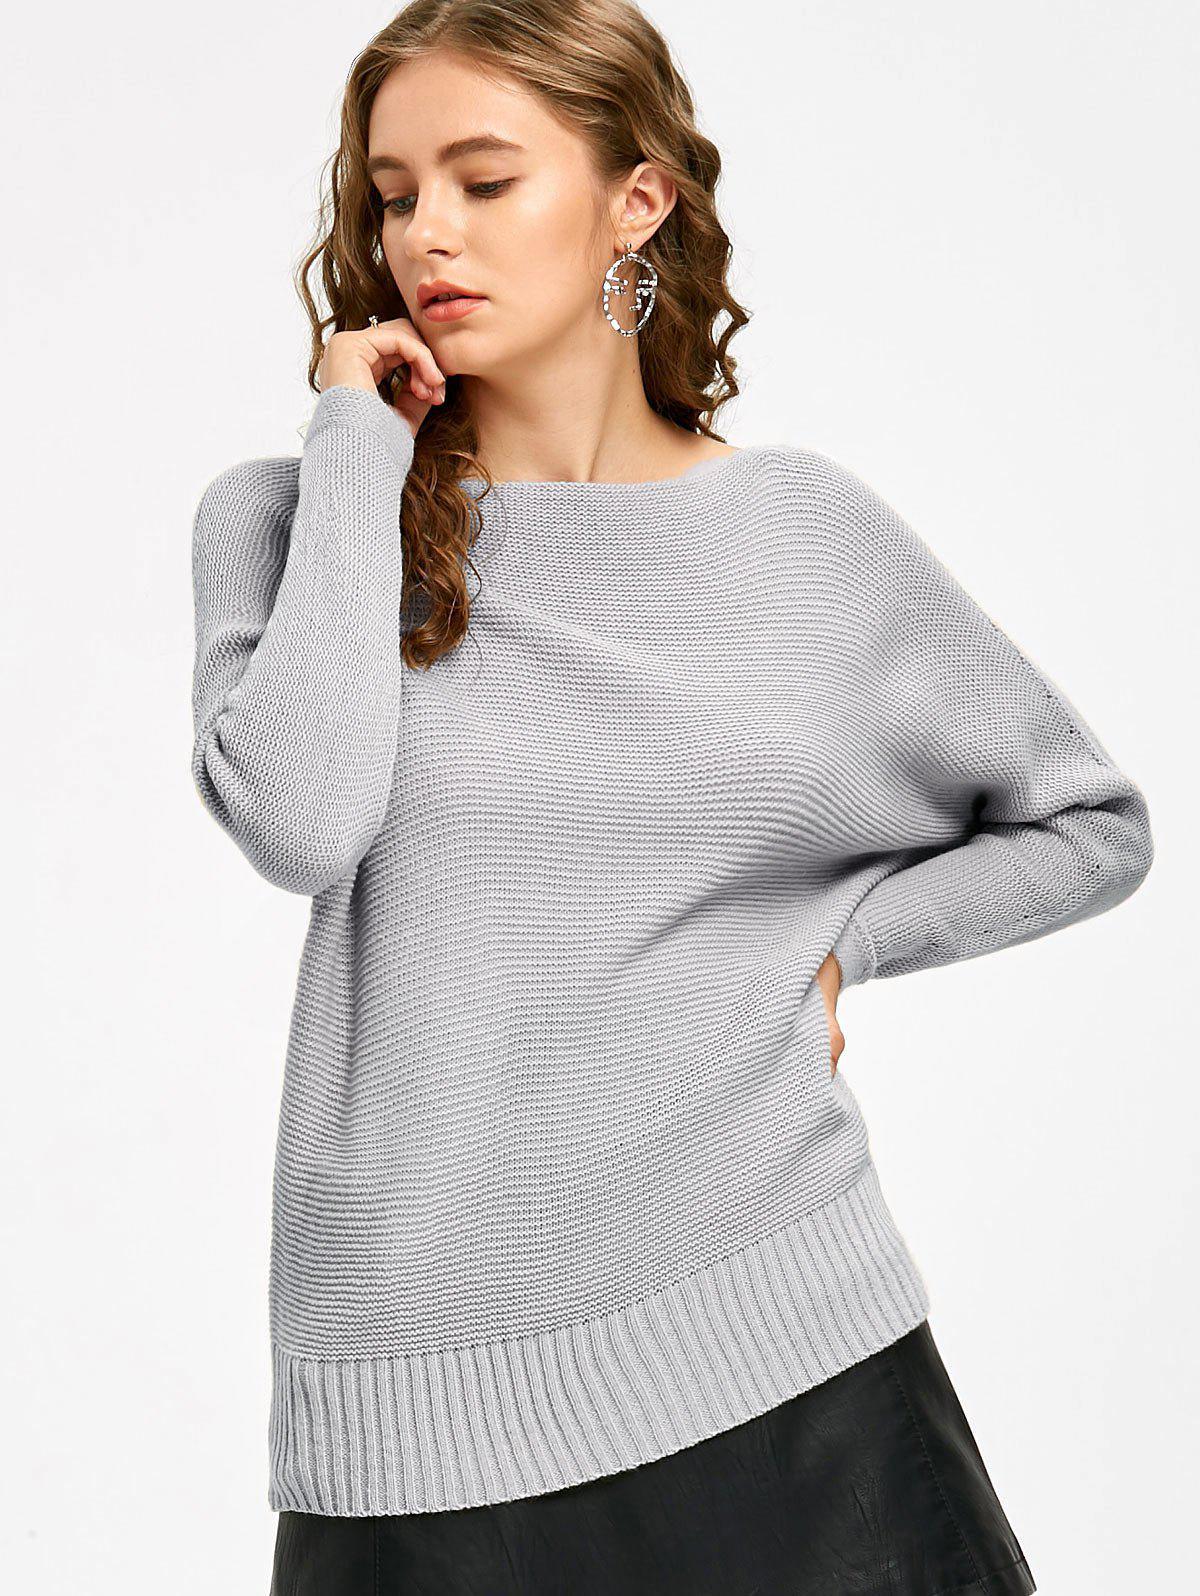 Slash Neck Batwing Sleeve Sweater 229779401